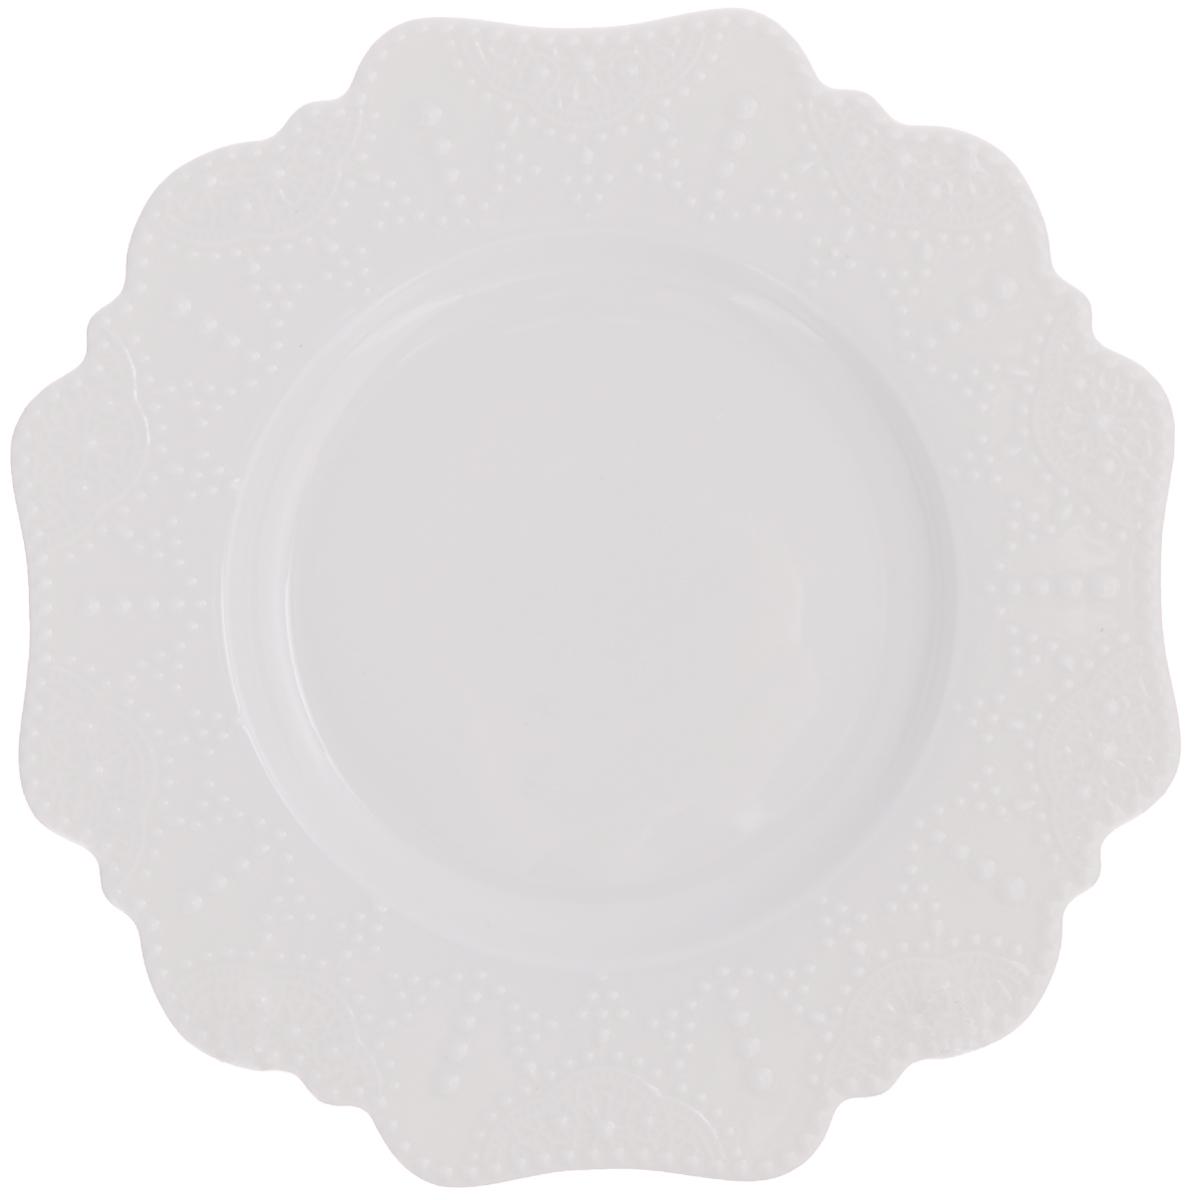 Тарелка десертная Walmer Vivien, цвет: белый, диаметр 21 см горшок для запекания walmer classic цвет белый диаметр 12 см